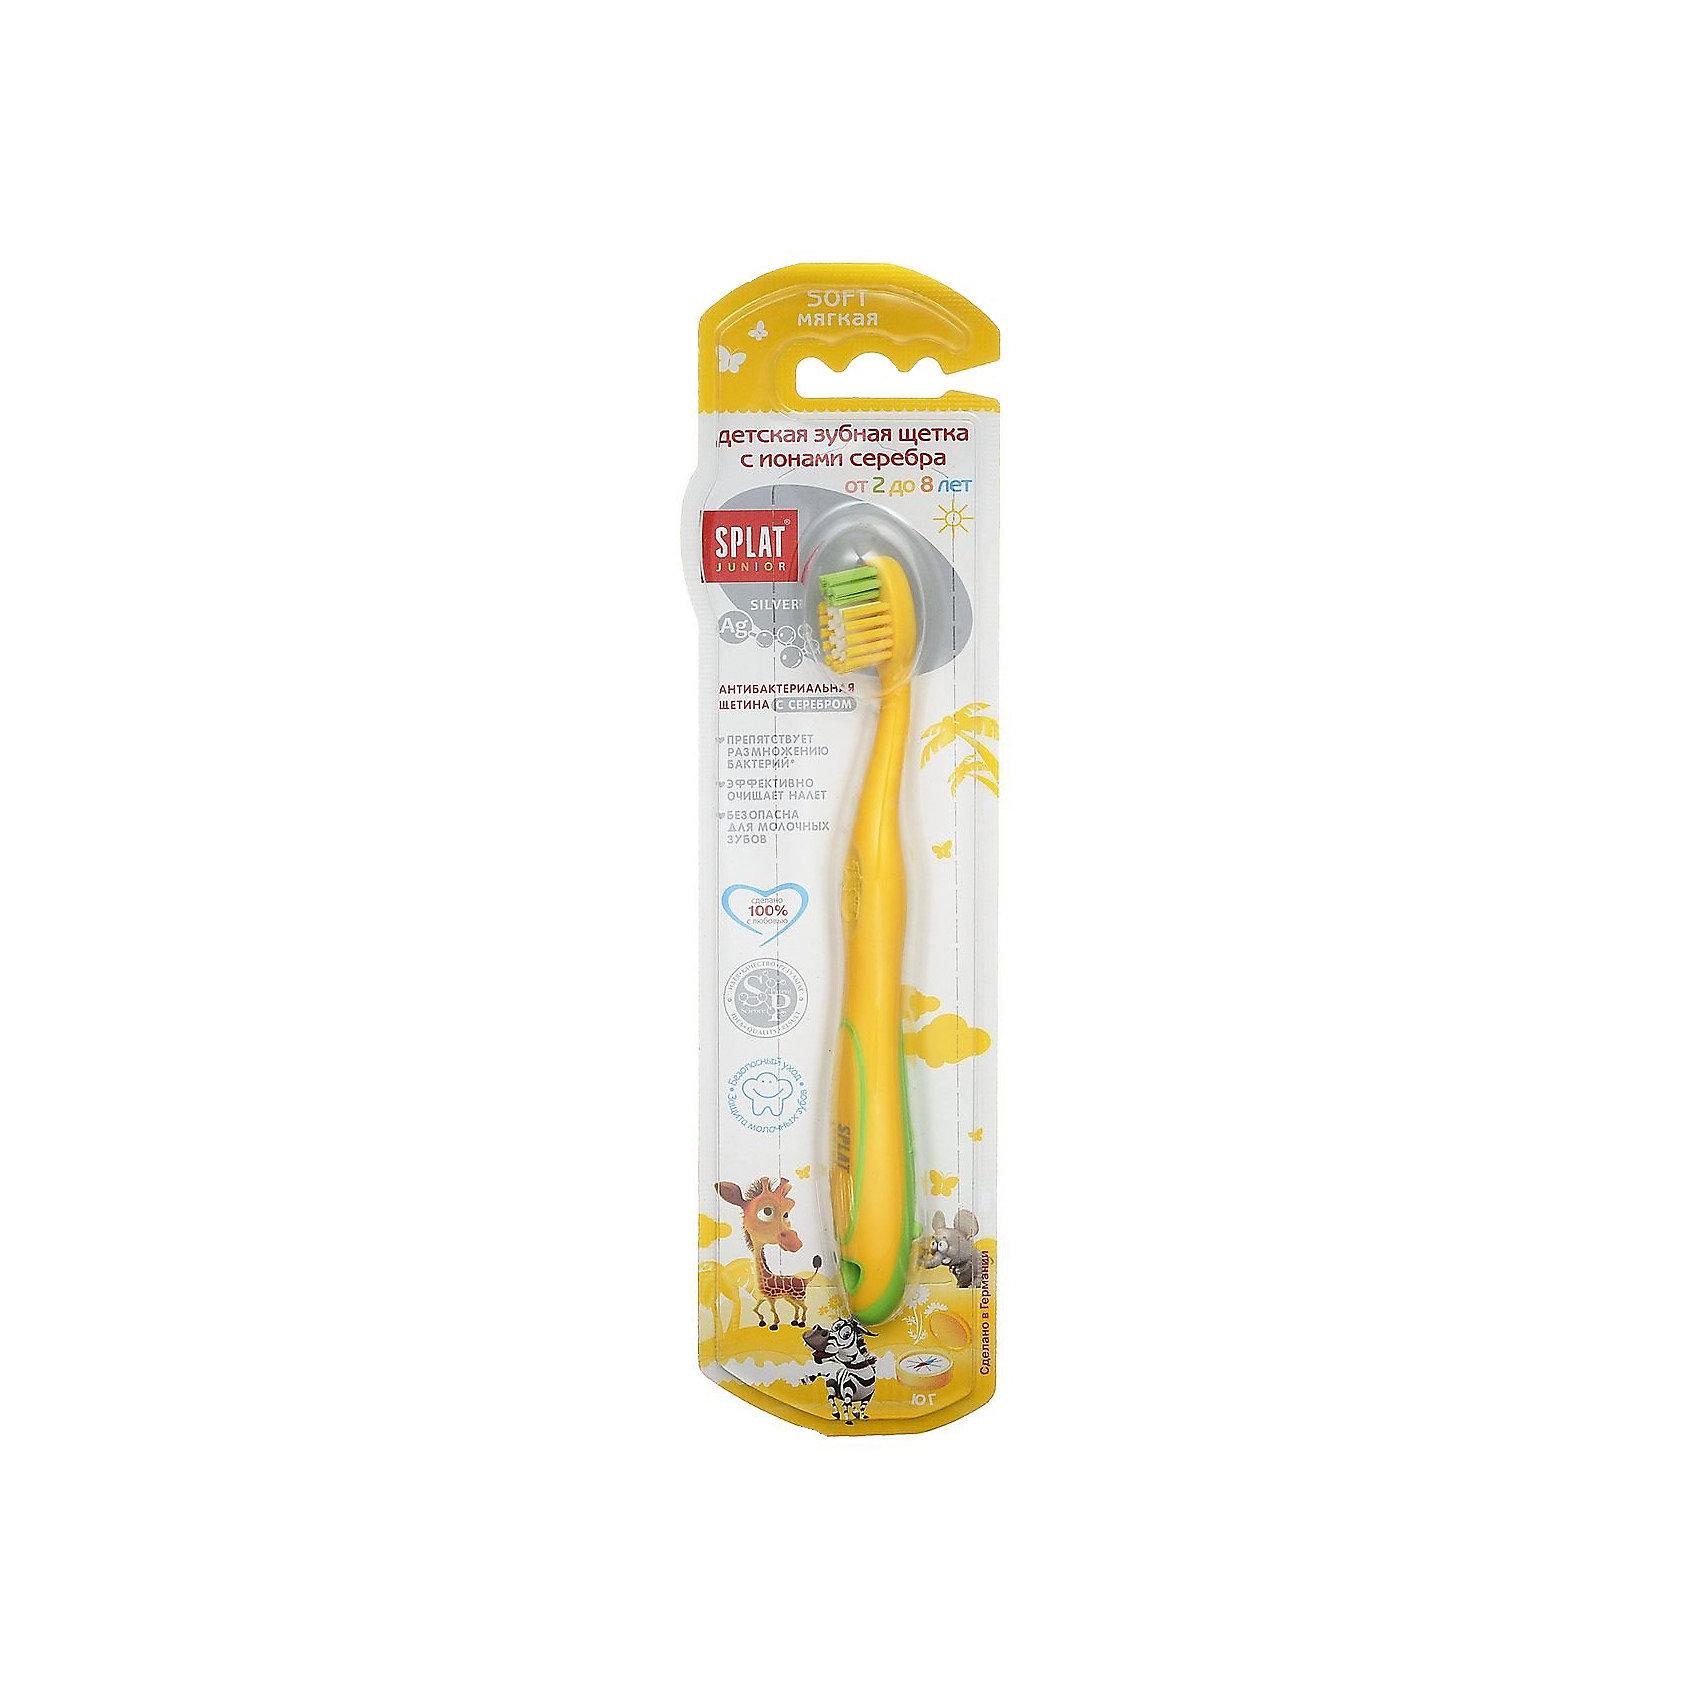 Детская зубная щетка JUNIOR Юг, Splat, желтый